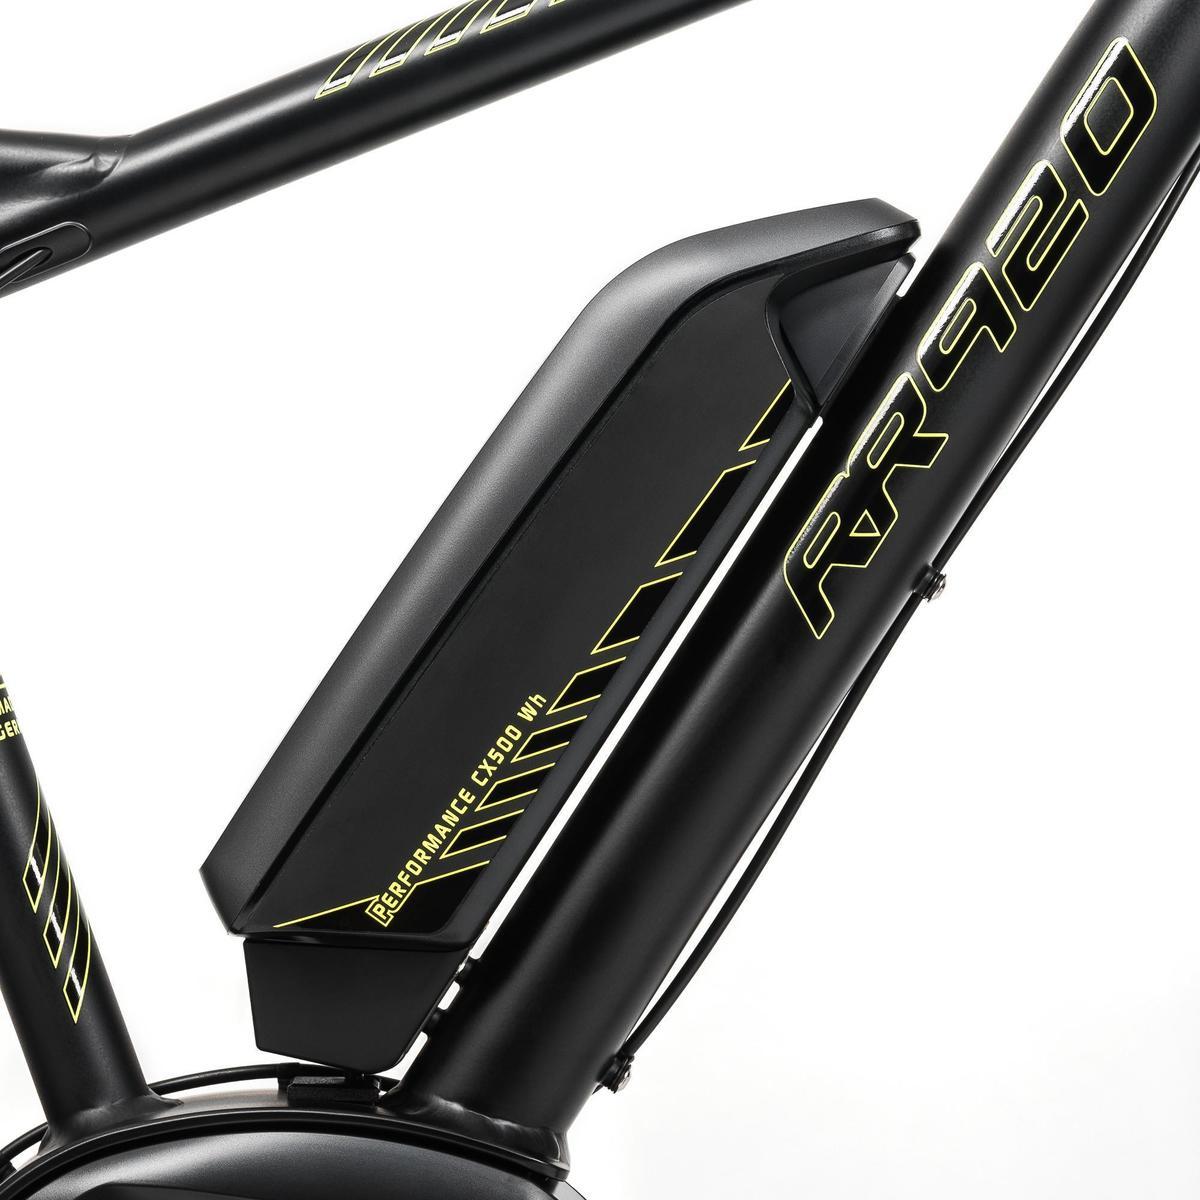 Bild 3 von E-MTB RR920 Performance CX 2018 500WH Alu schwarz/gelb